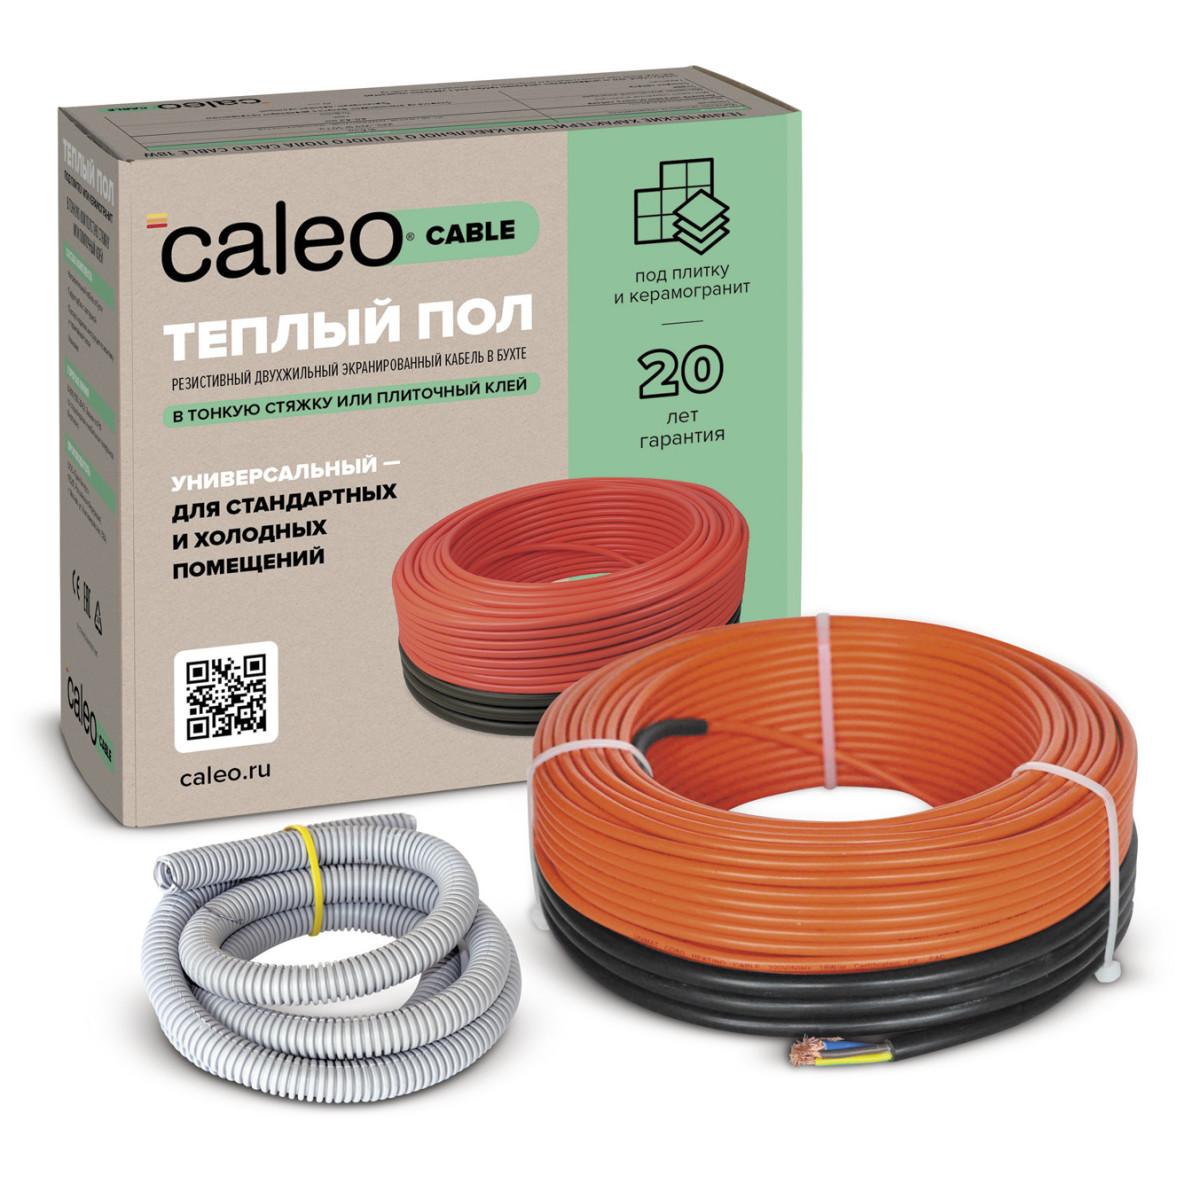 Нагревательная секция для теплого пола Caleo Cable 18W-70 97 М2